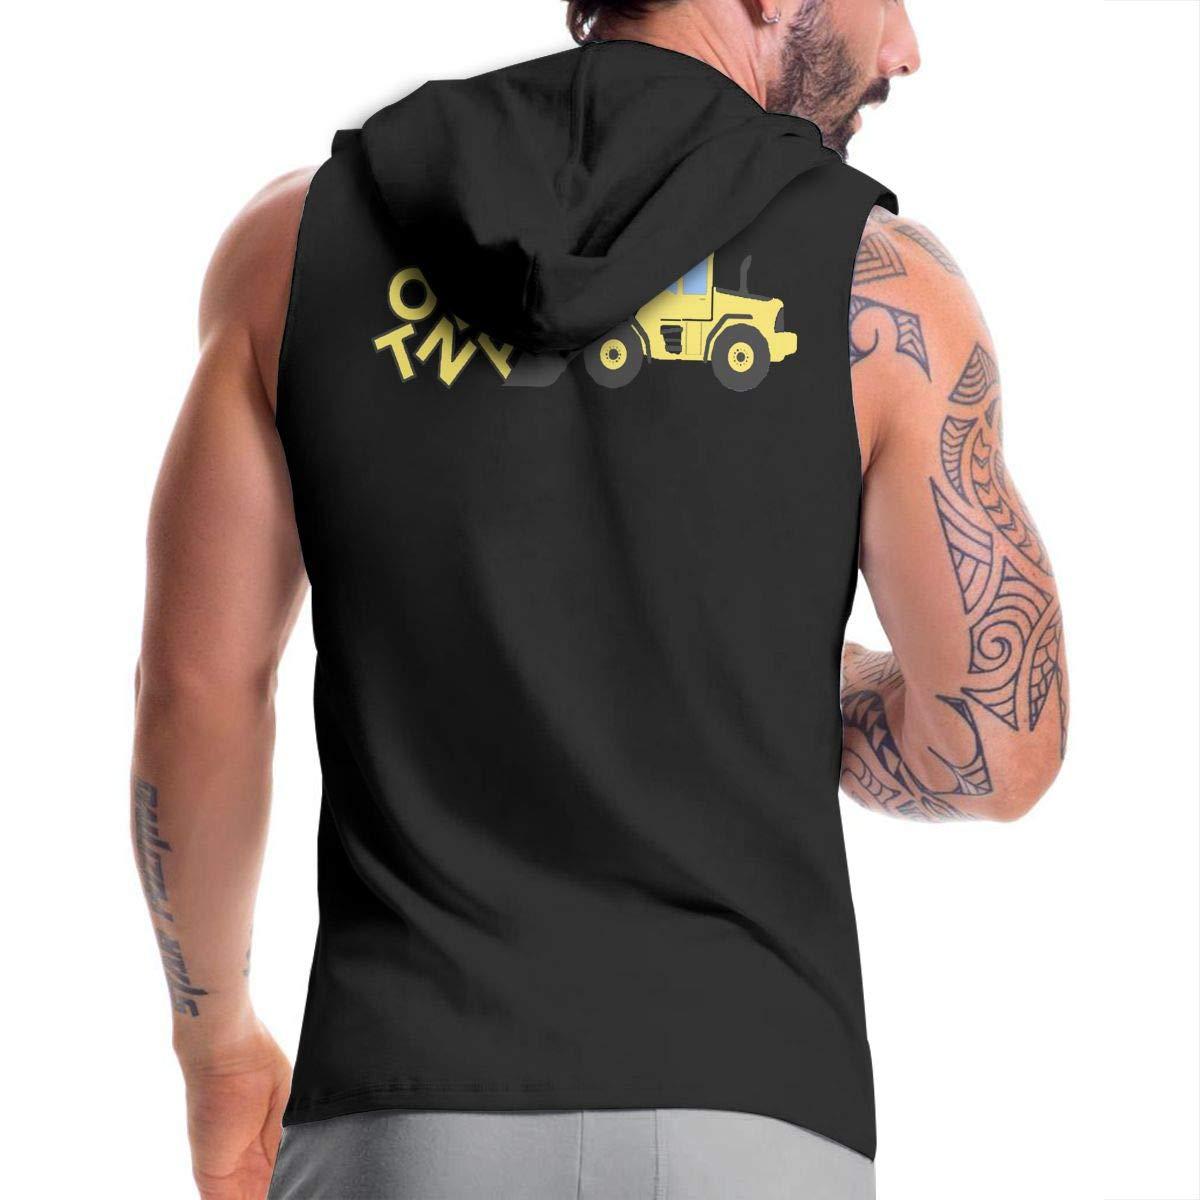 Tonka Excavator Equipment Mens Sleeveless Full Zip Hoodie Sweatshirt Bodybuilding Vest Tank